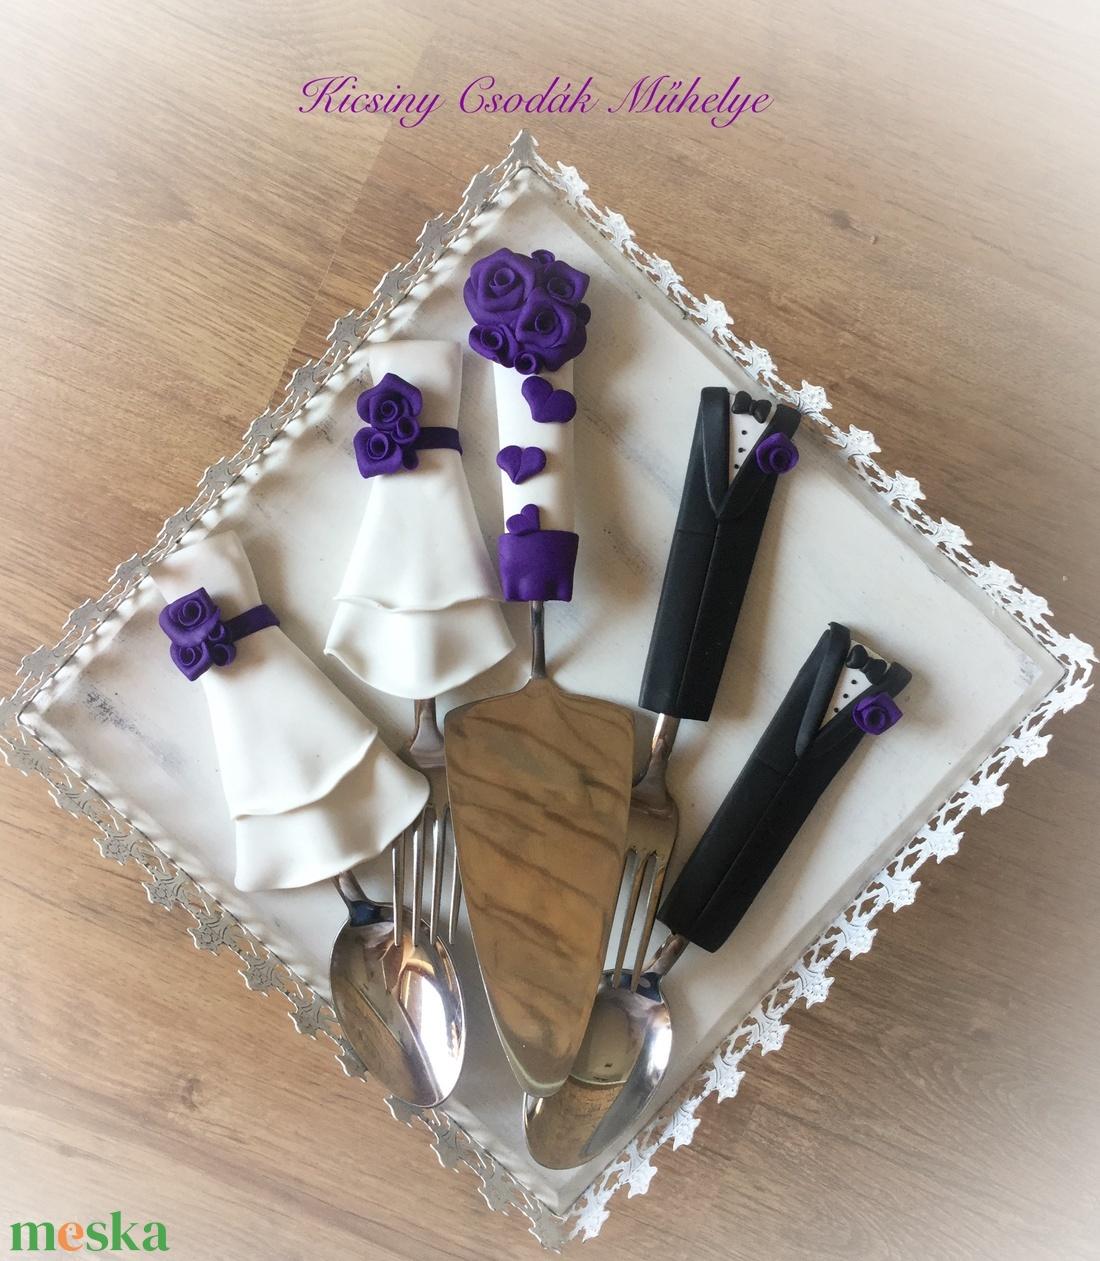 Lila rózsa esküvői evőeszközök. (KicsinyCsodak) - Meska.hu